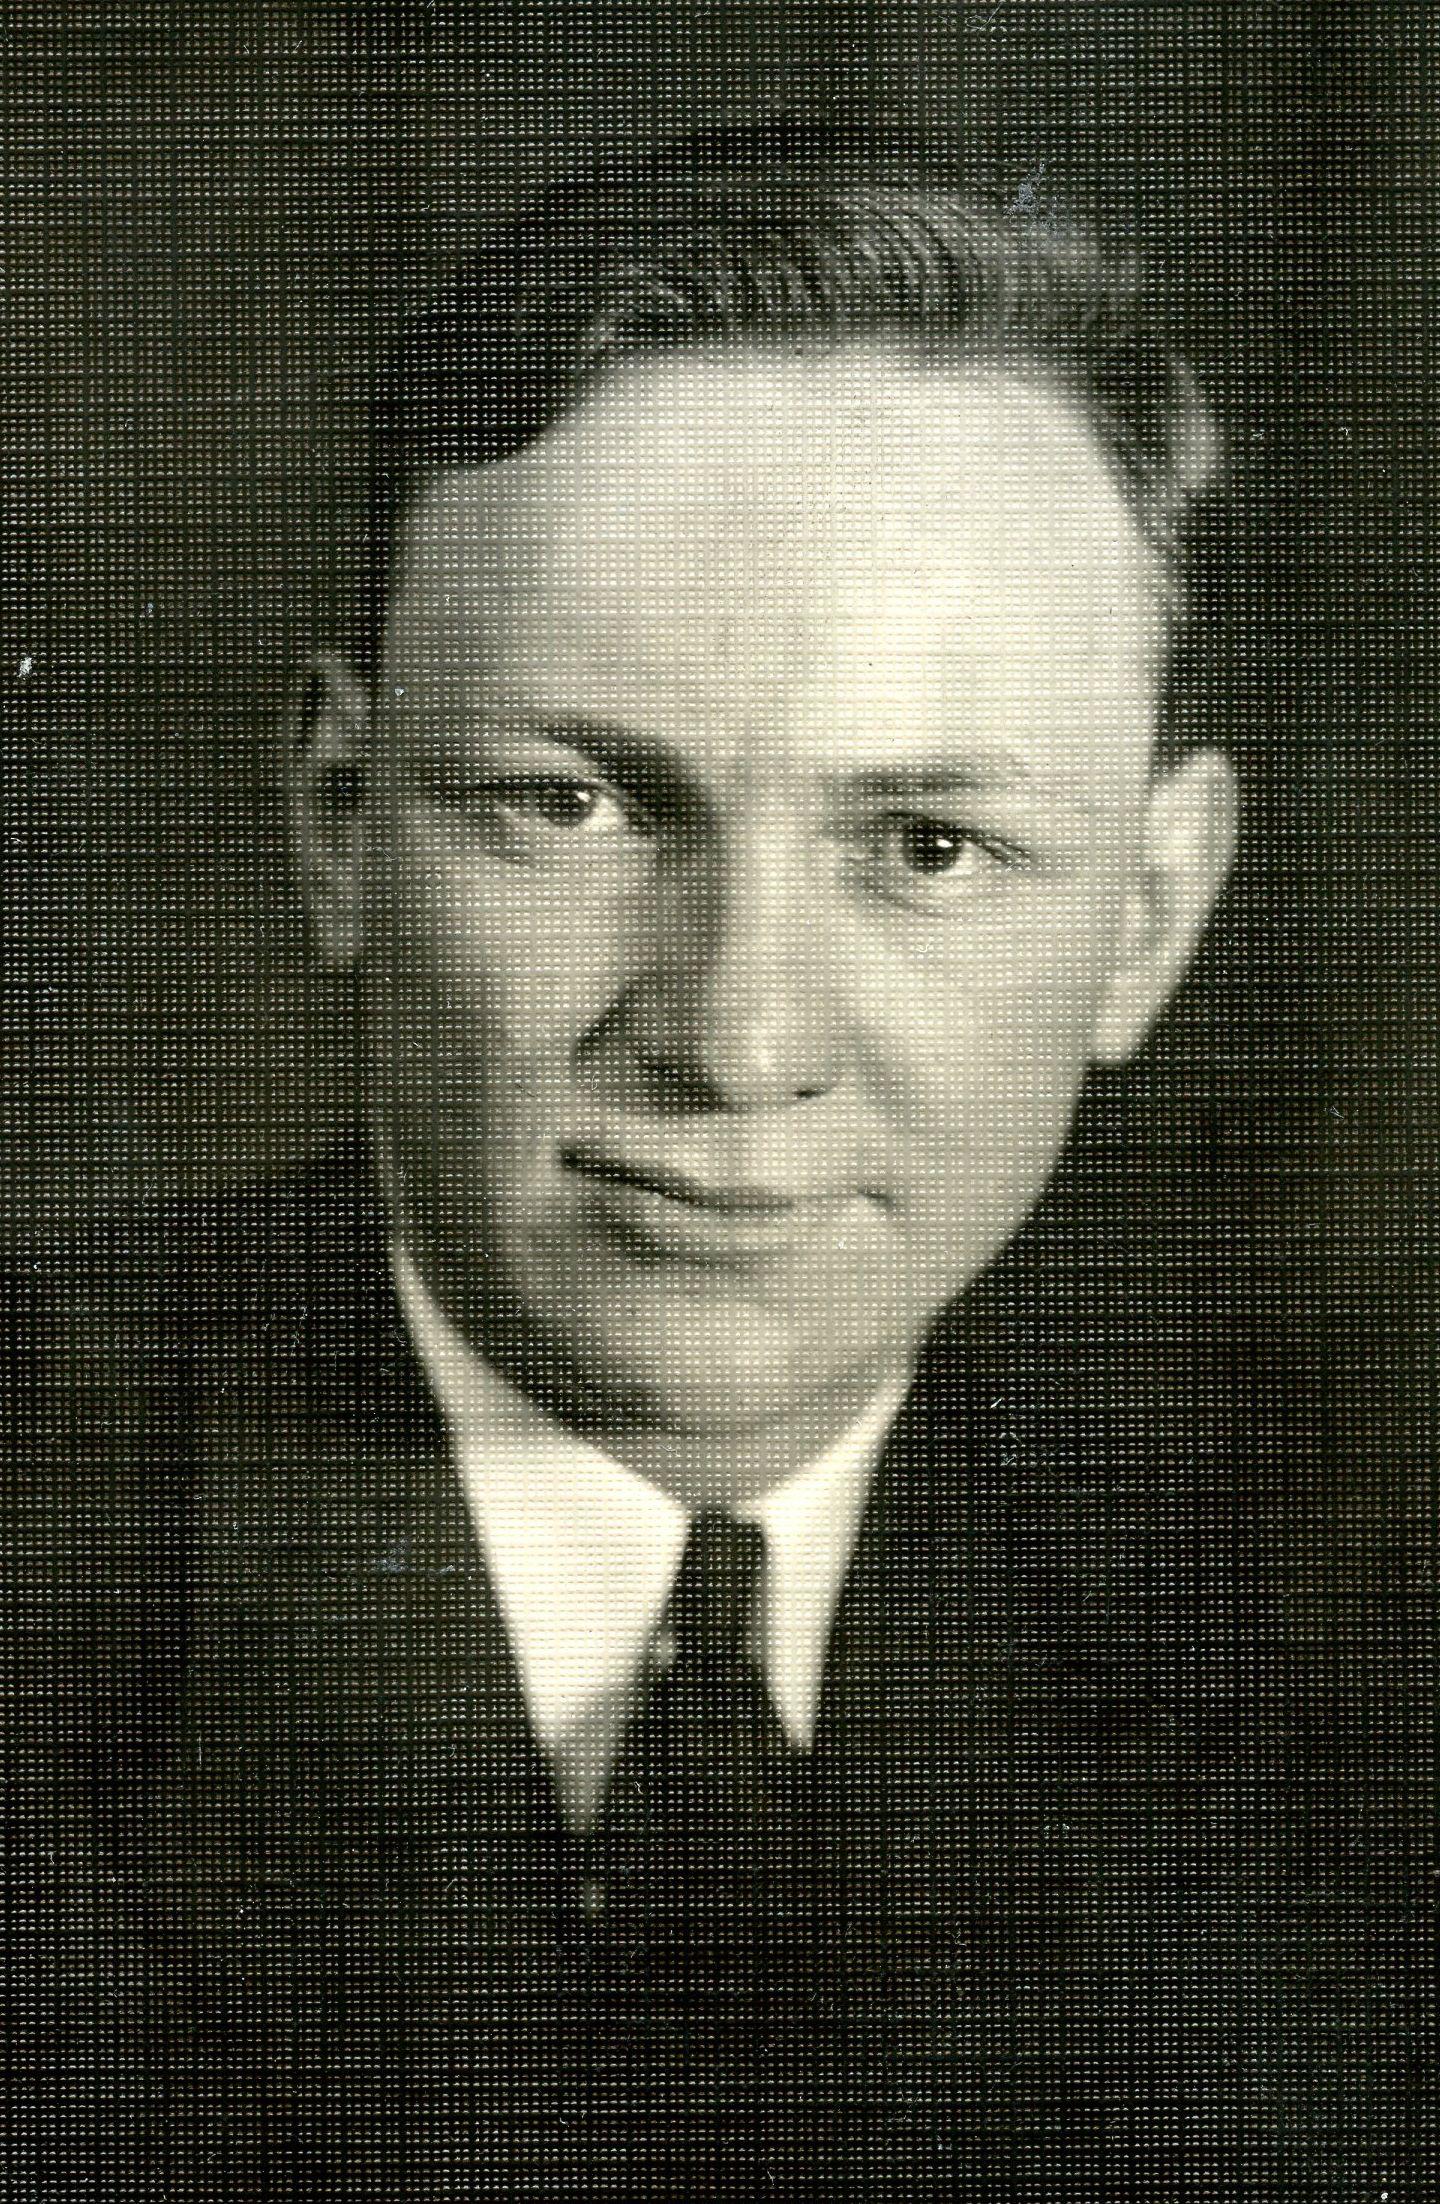 Ball, Alfred Vernon